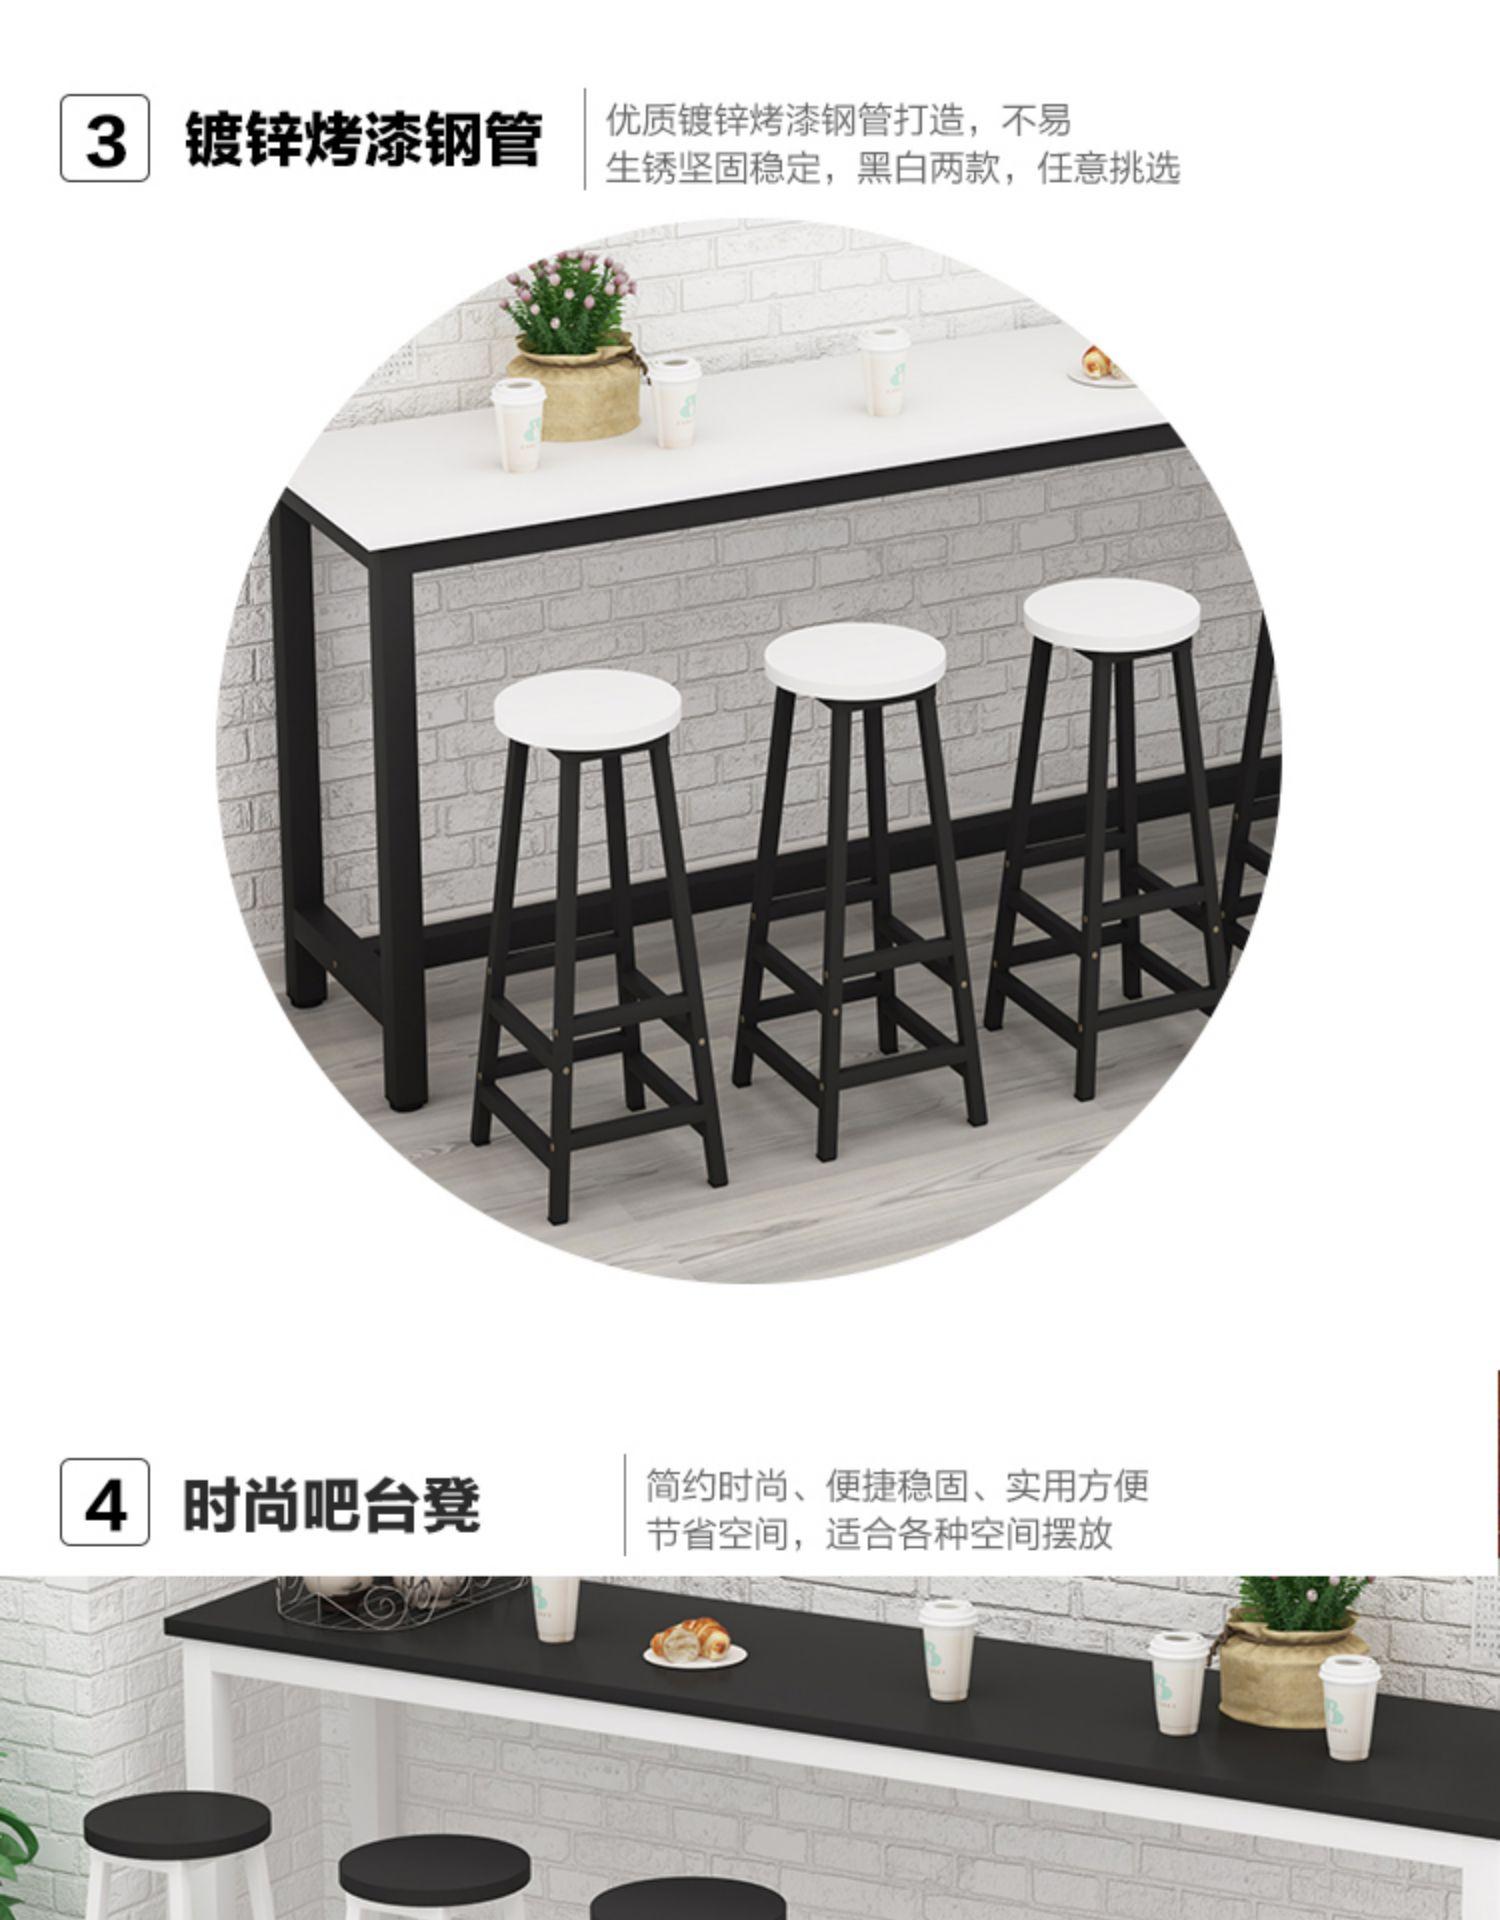 靠墙吧檯桌家用高脚桌阳臺长条桌吧檯餐桌一体奶茶店桌子酒吧桌椅详细照片